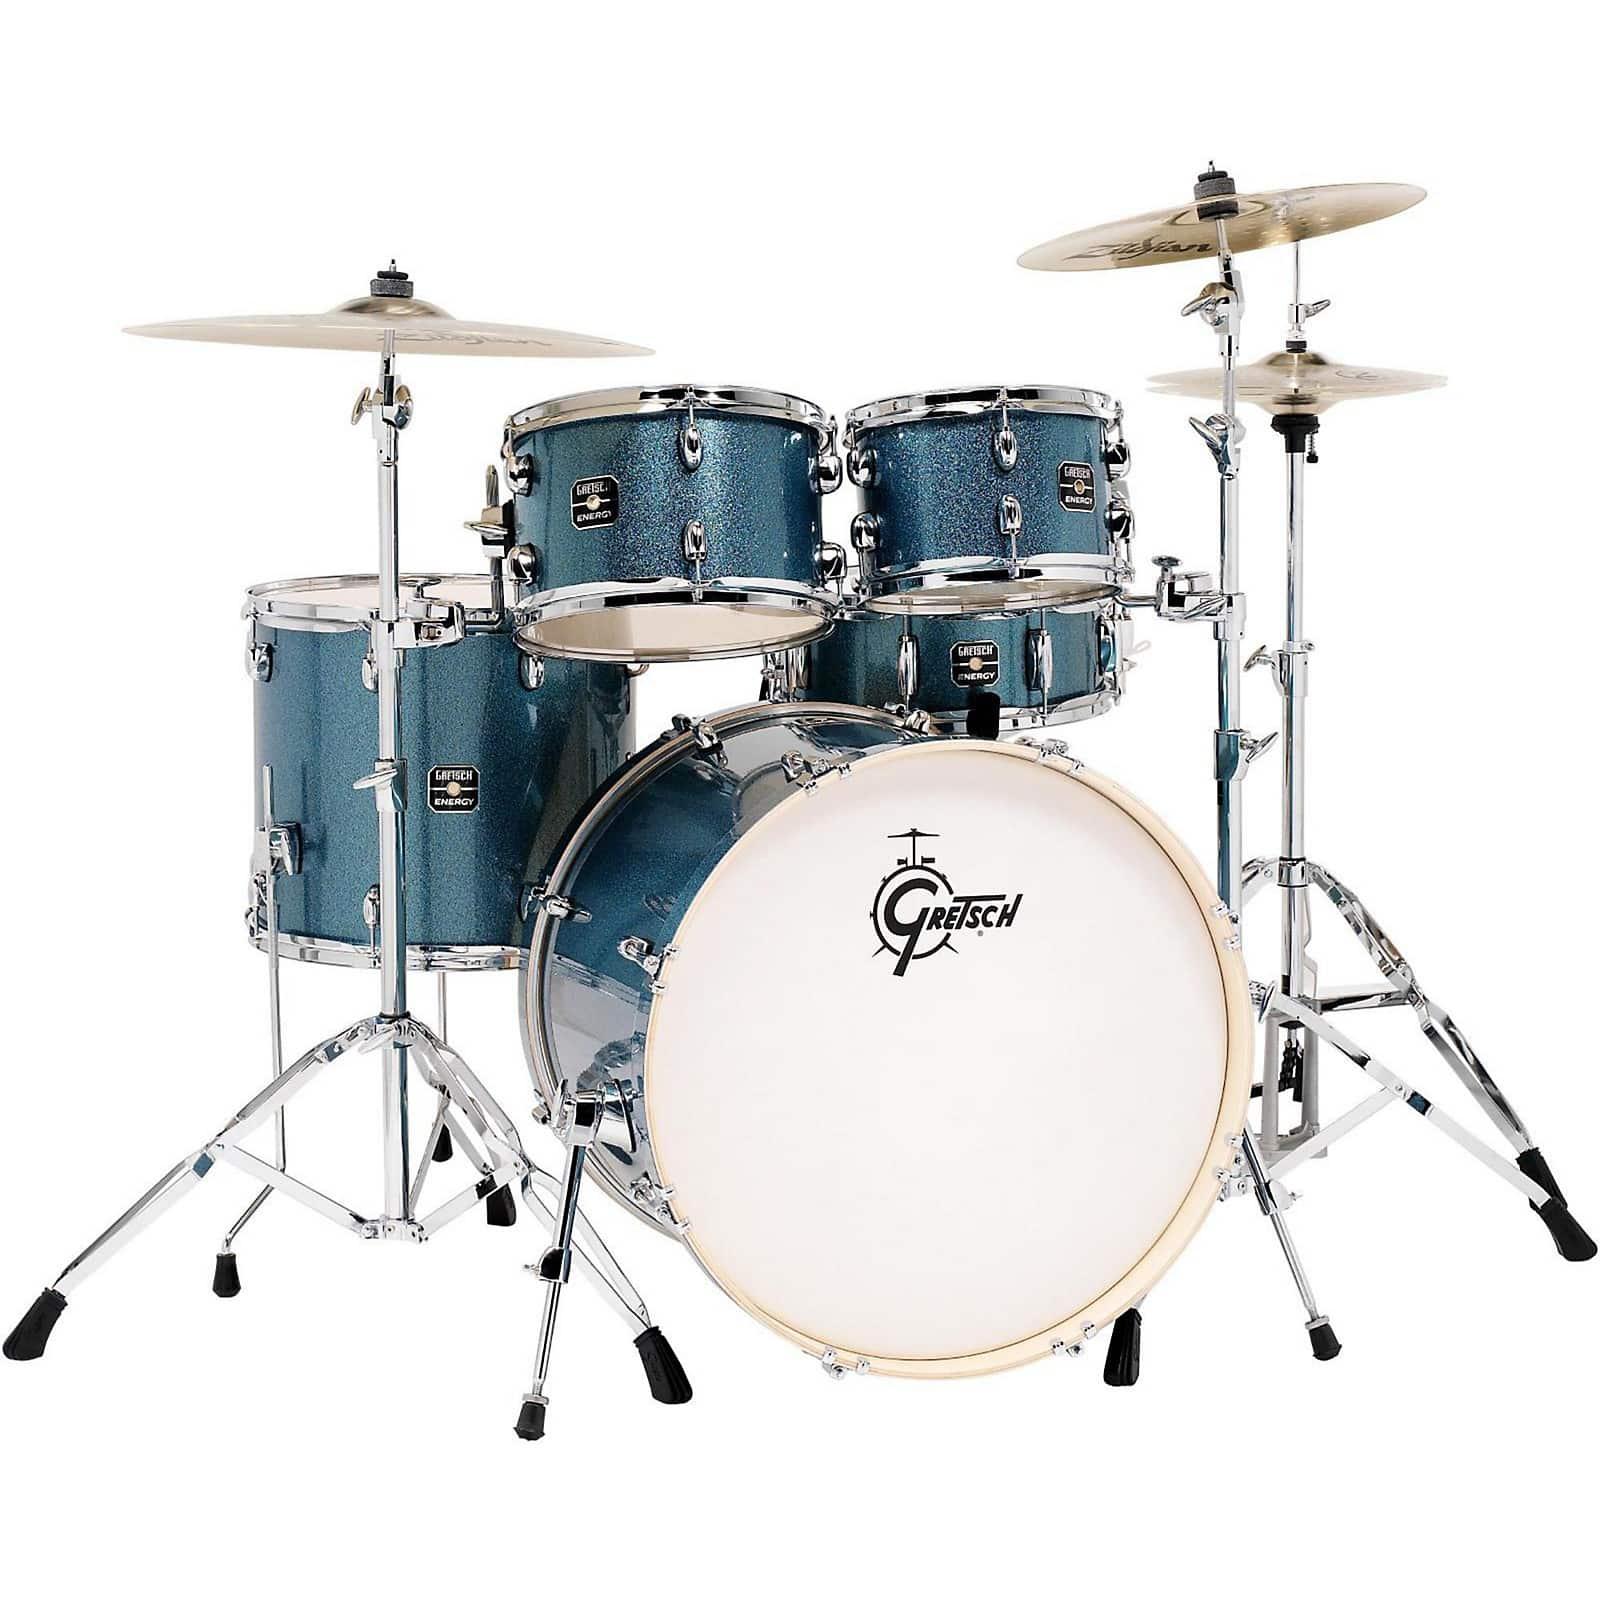 Drum-Gretsch-5-Energy